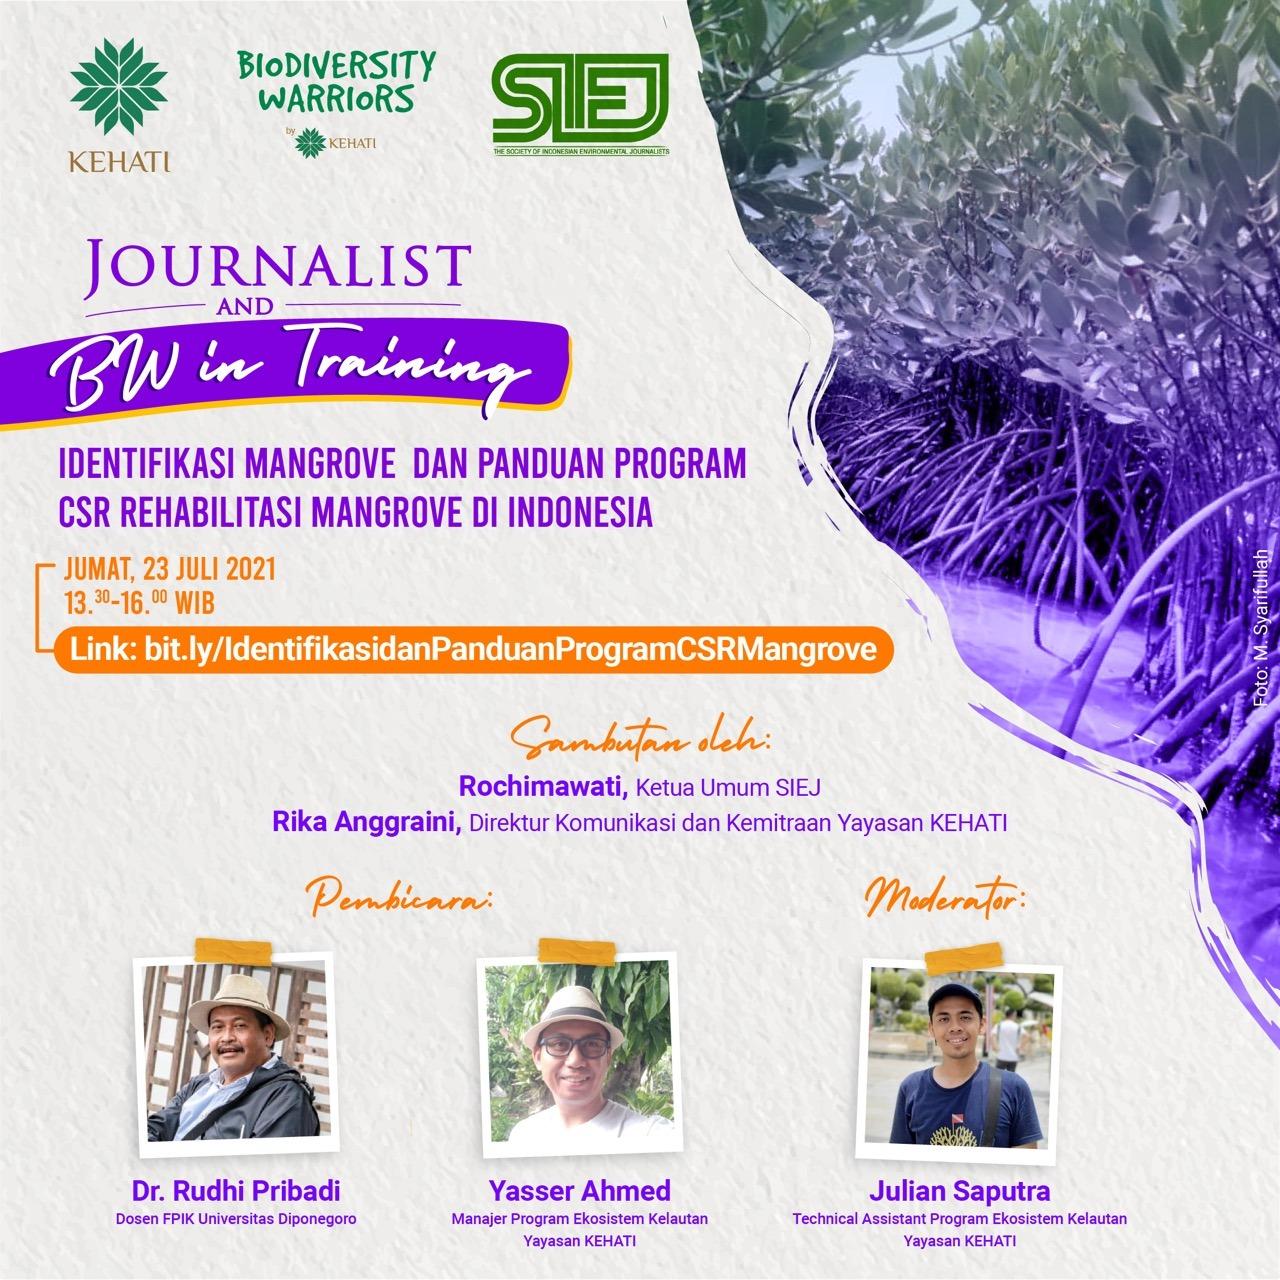 Journalist & BW in Training : Identifikasi Mangrove dan Panduan Merehabilitasi